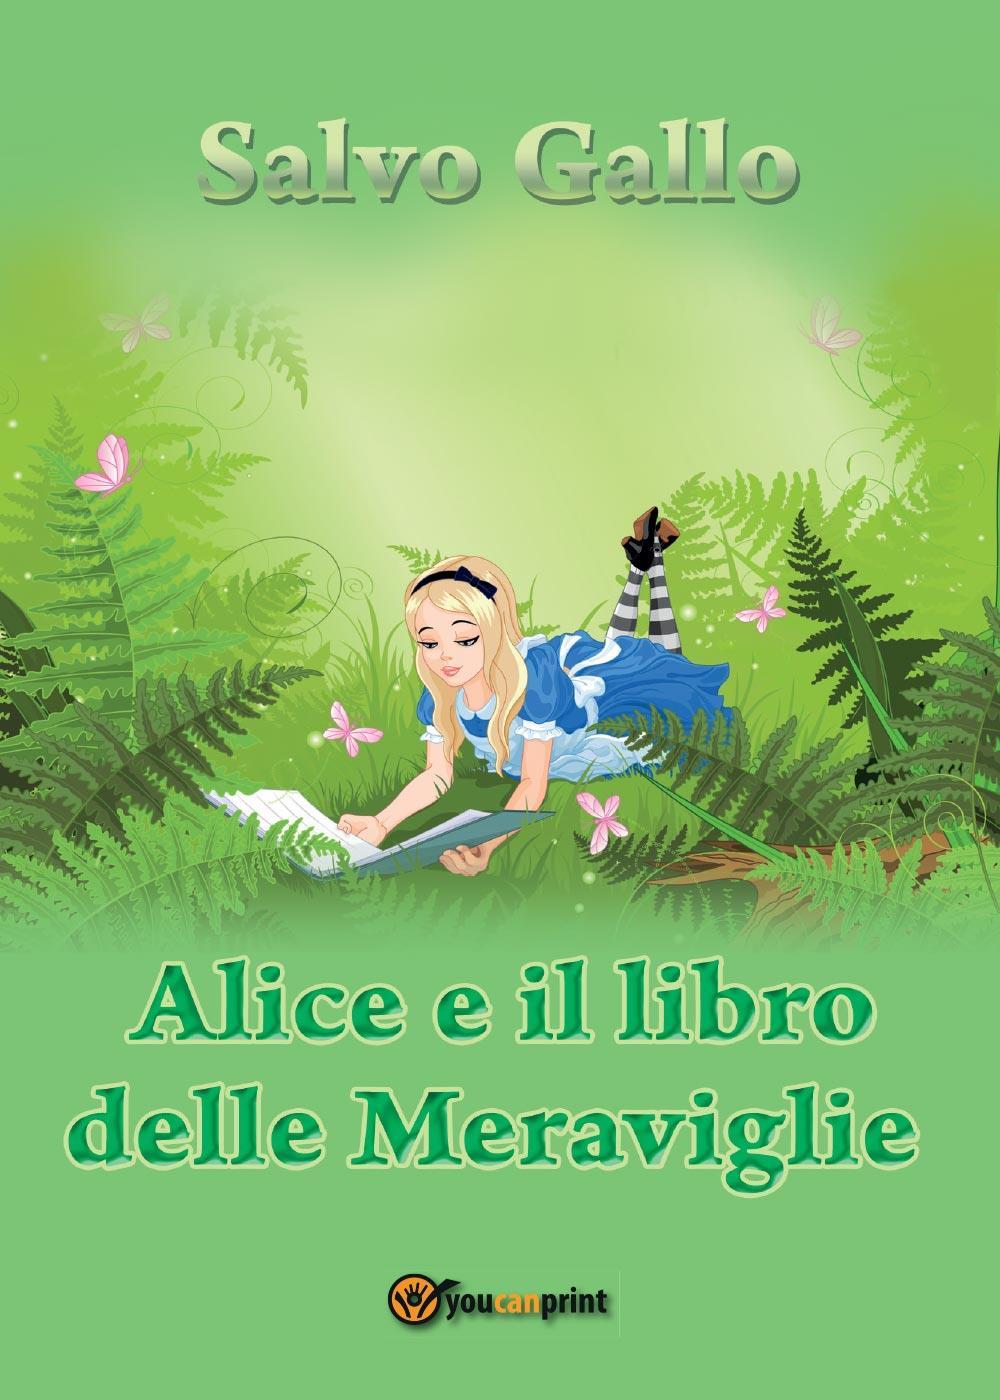 Alice e il libro delle Meraviglie